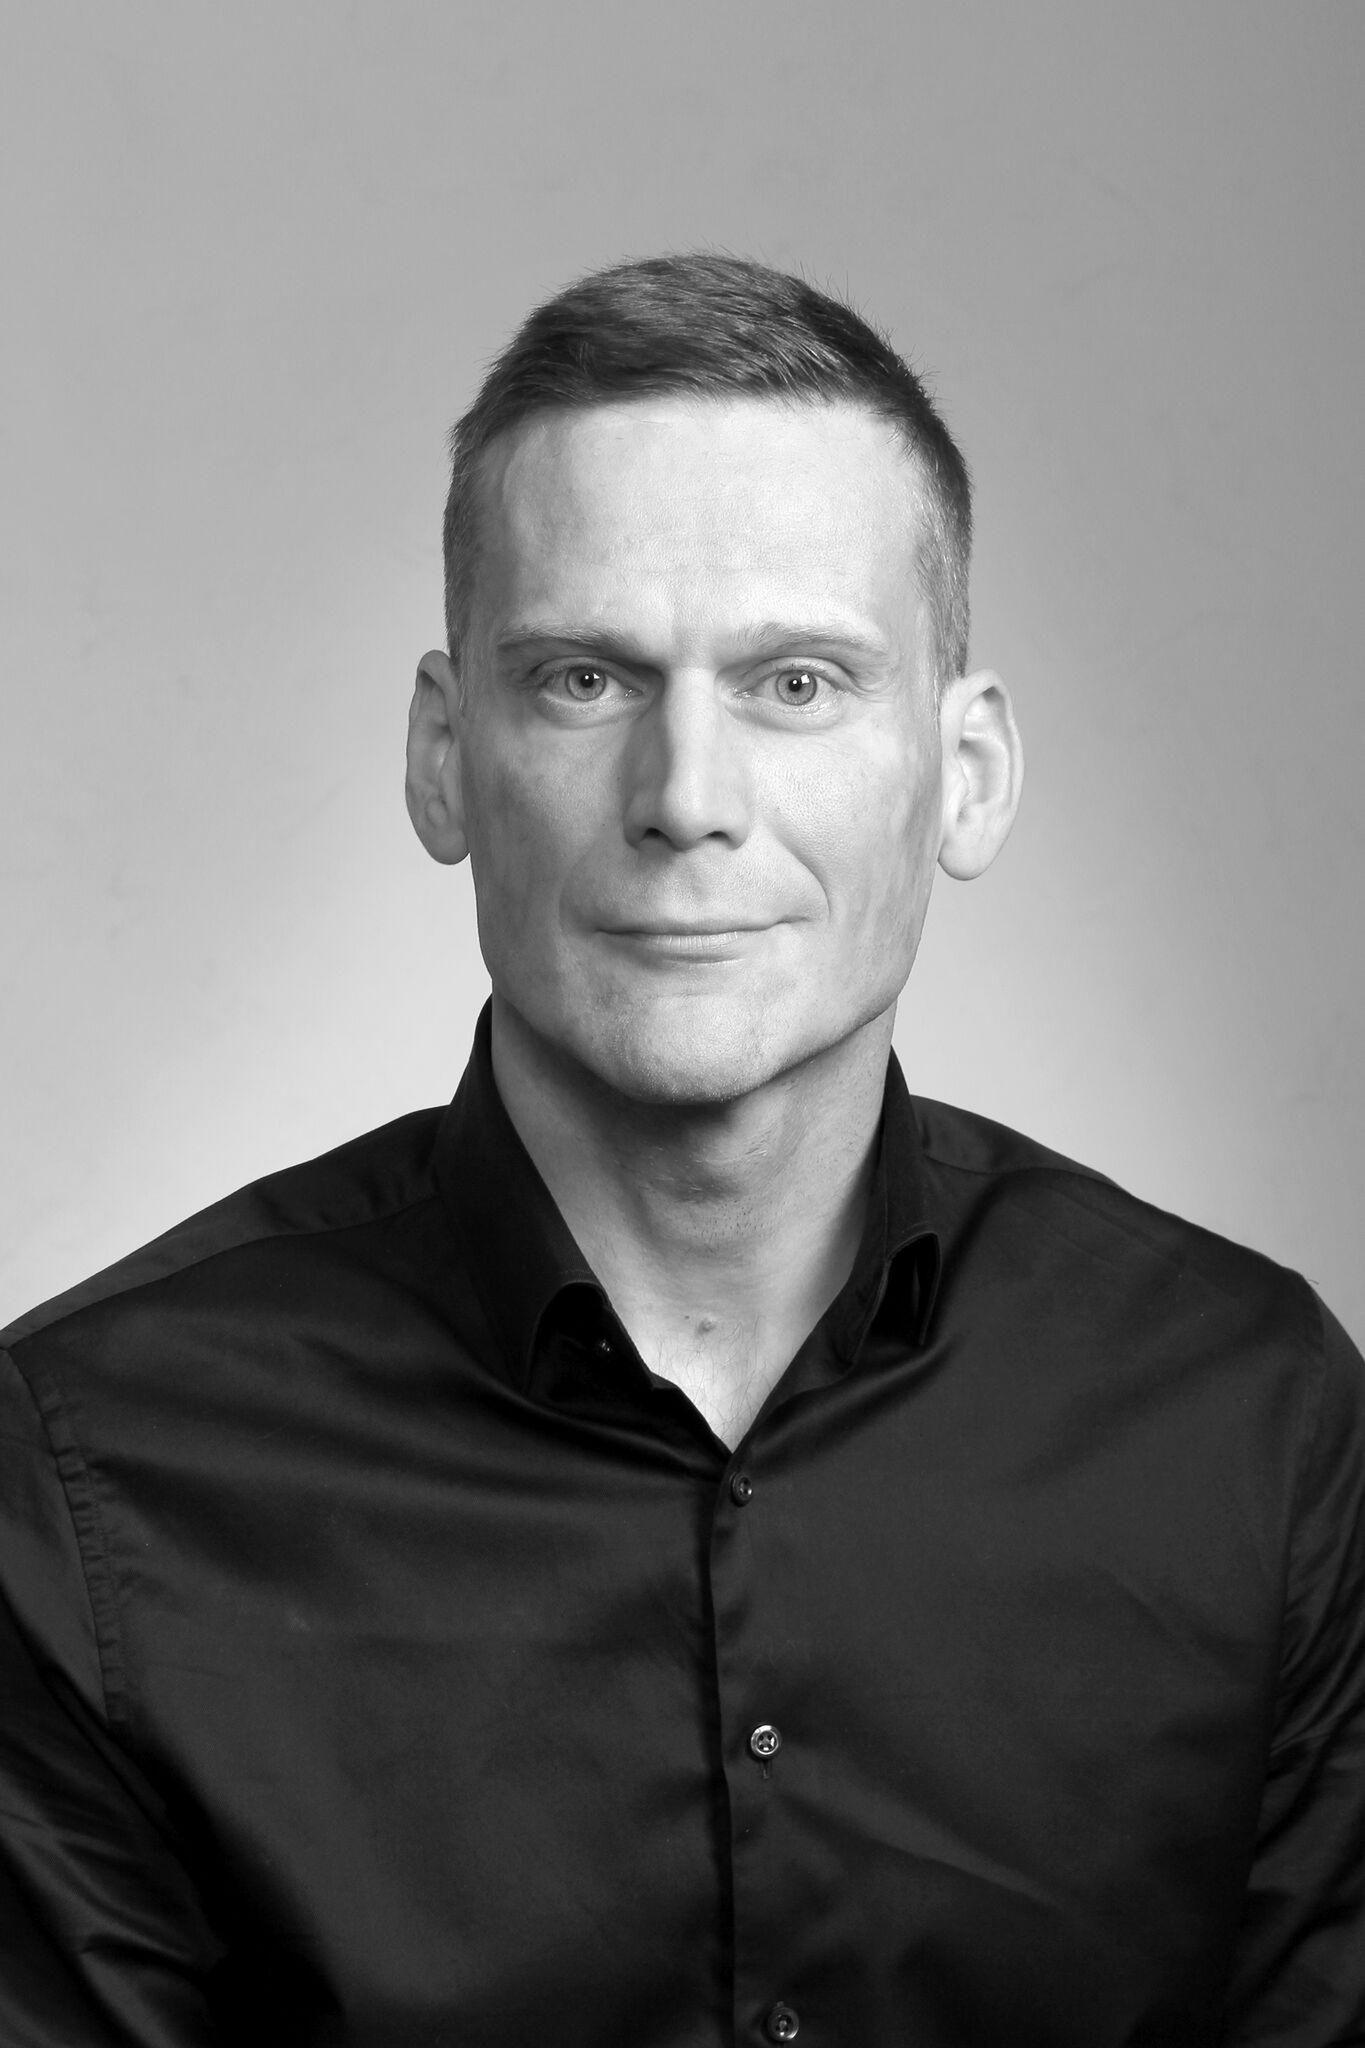 Mikko Vainionpää